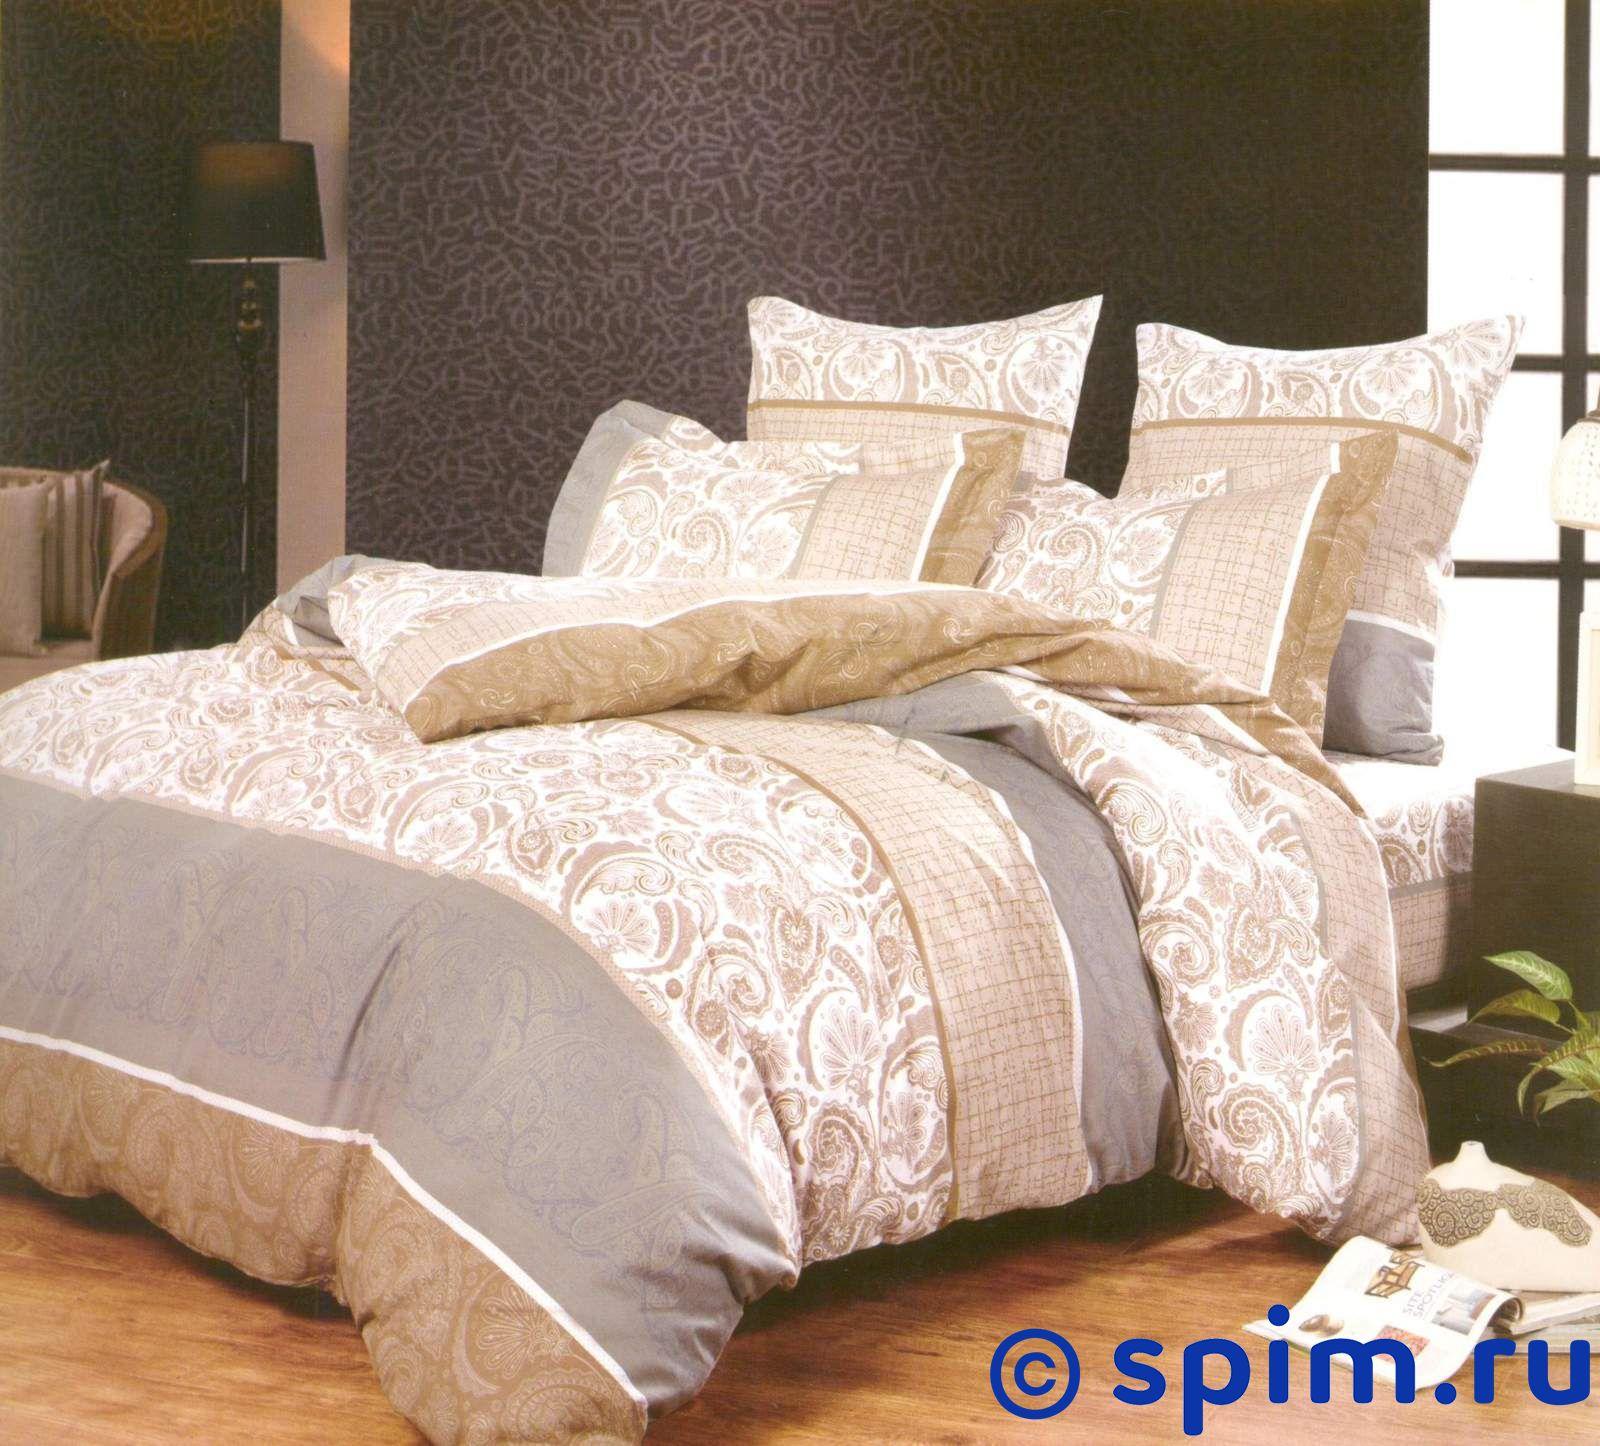 Постельное белье СайлиД А125 1.5 спальное